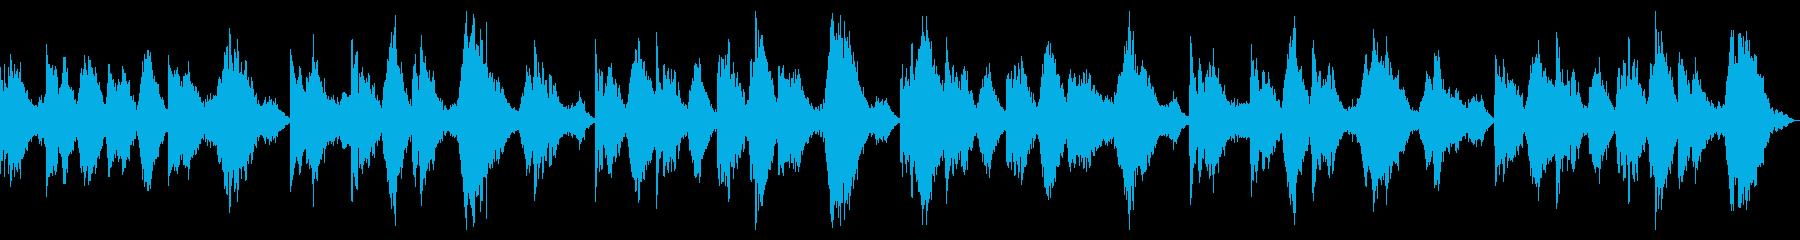 闇、恐怖感、悪夢や幻覚を演出するBGMの再生済みの波形